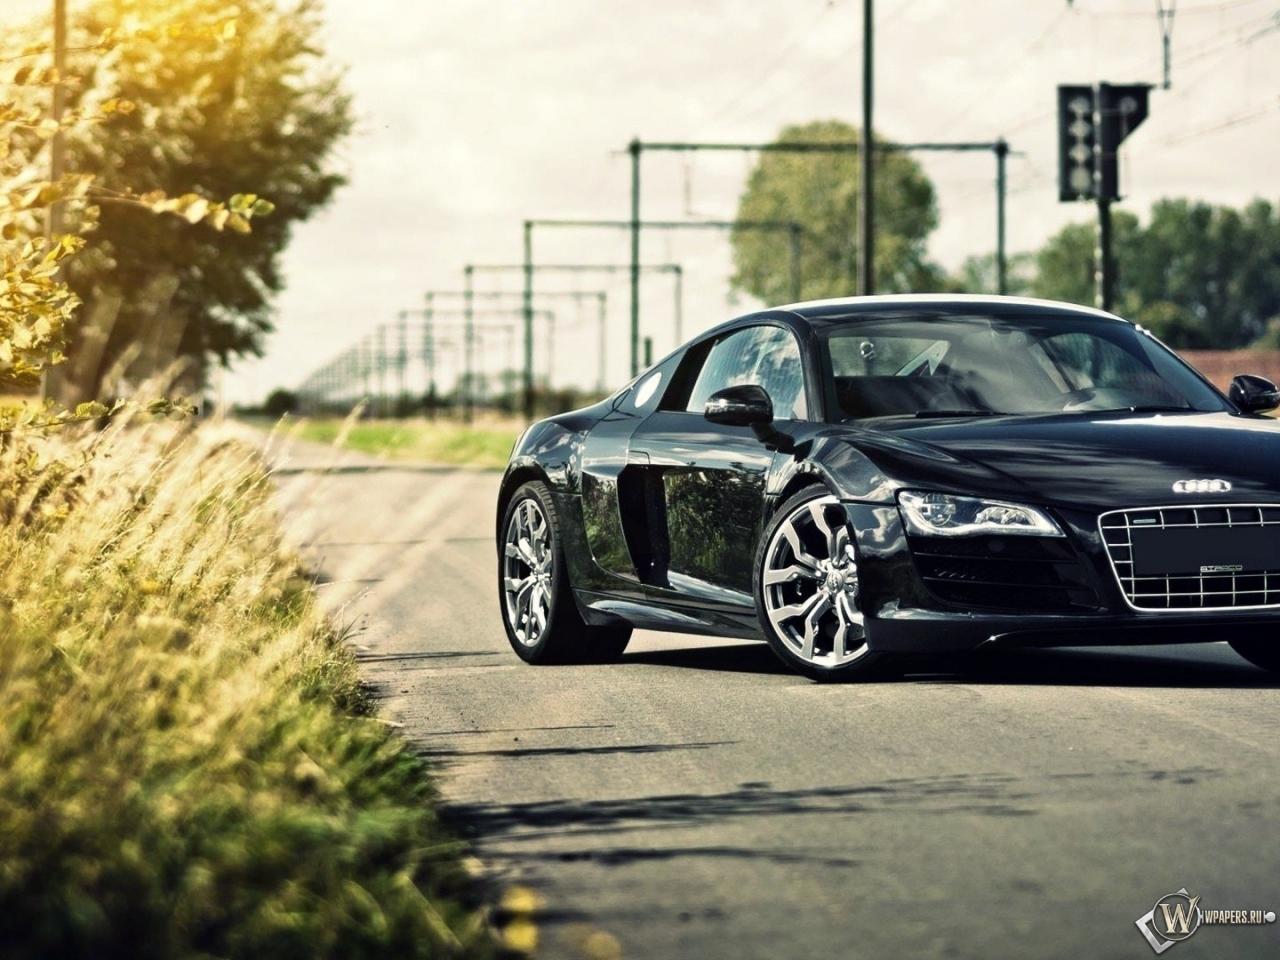 Audi R8 1280x960